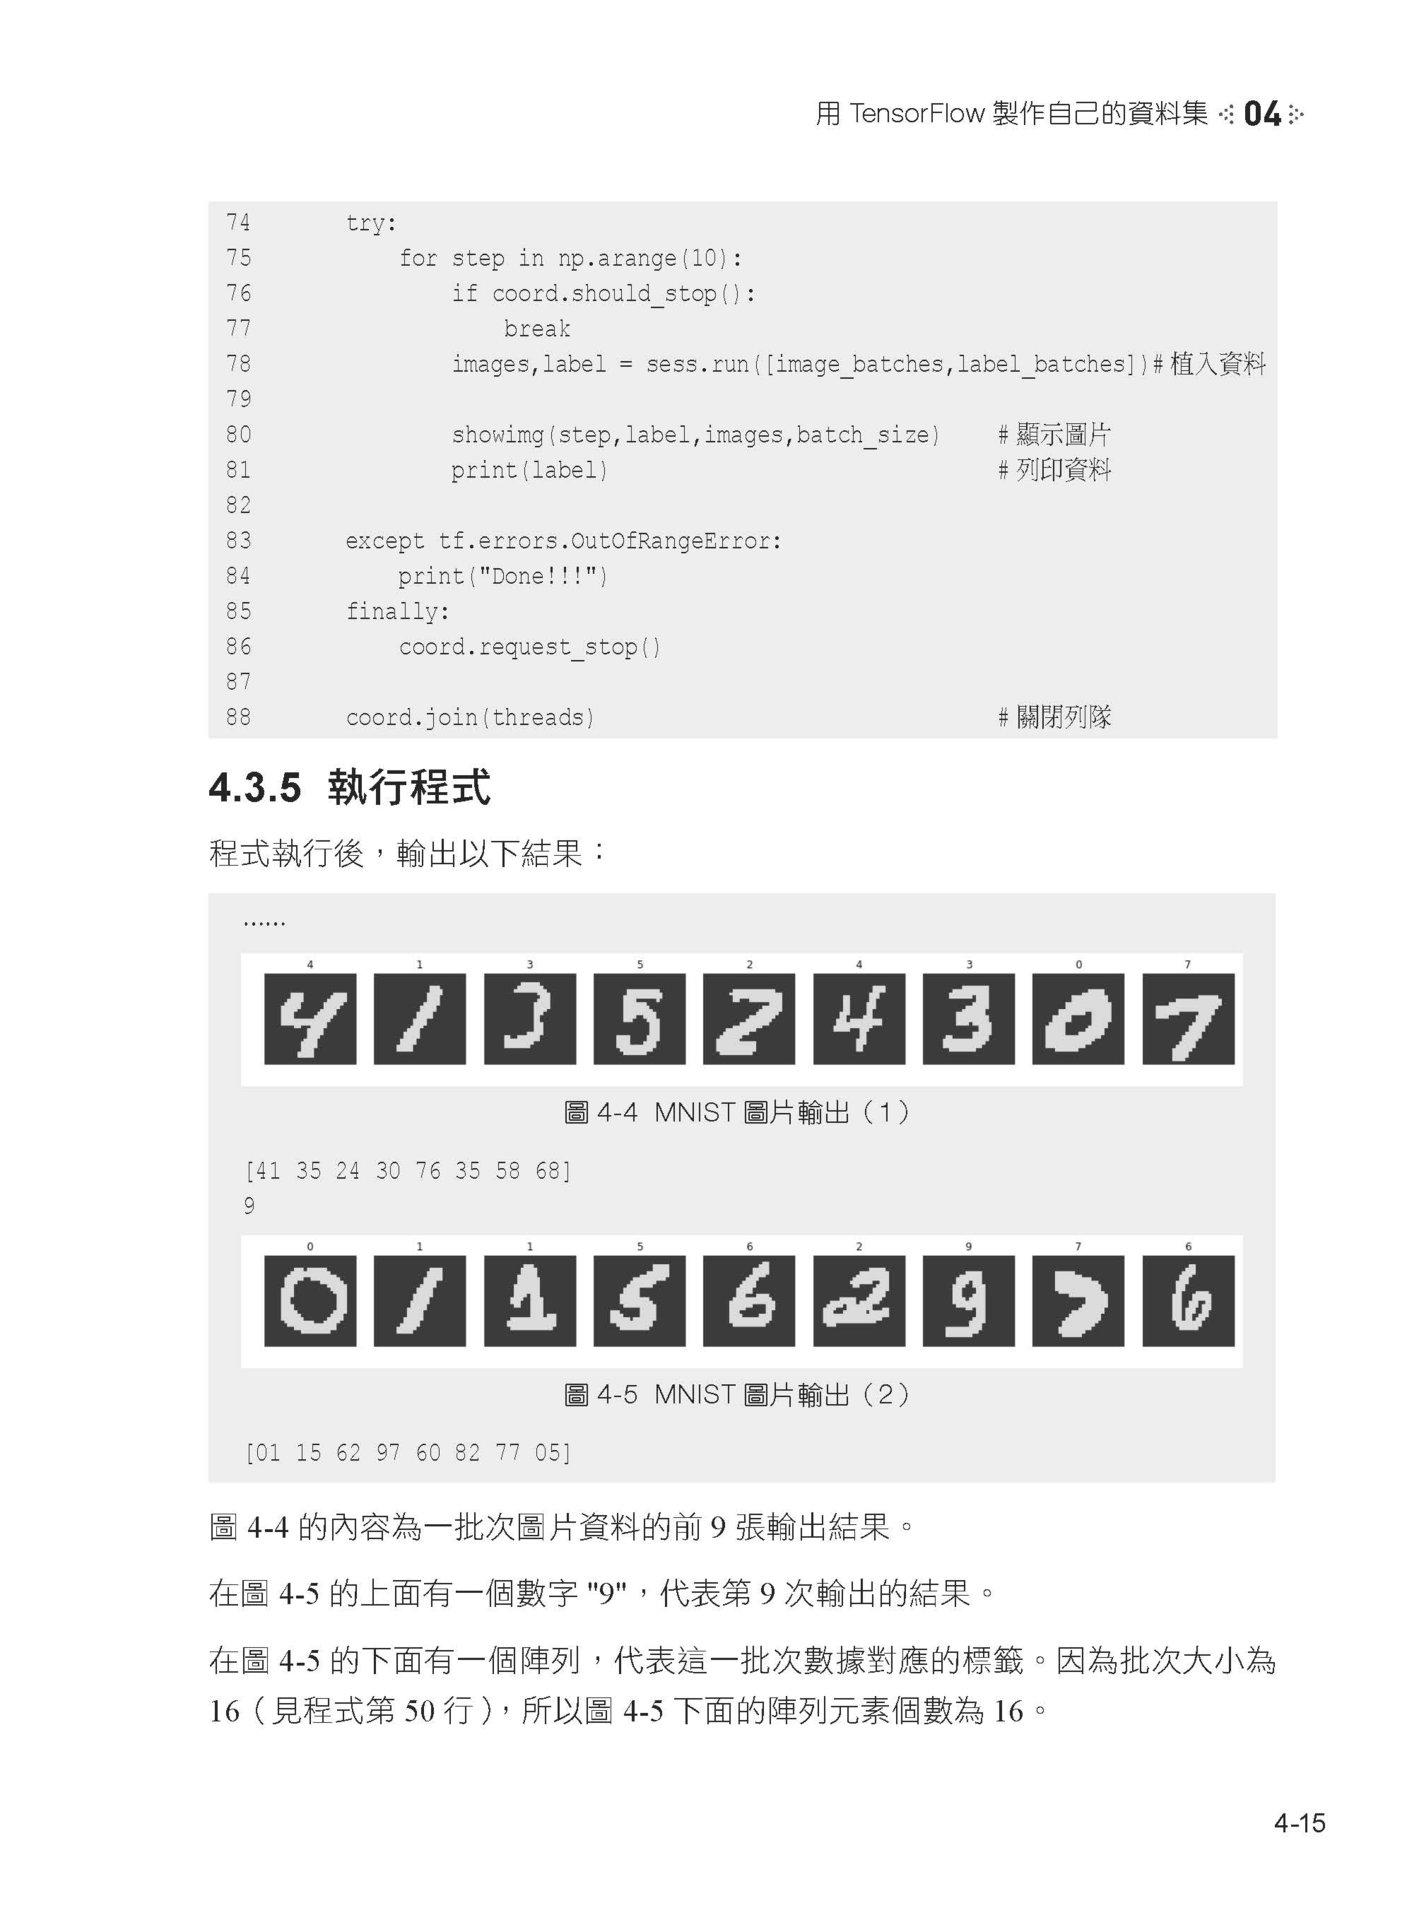 極詳細 + 超深入:最新版 TensorFlow 1.x/2.x 完整工程實作-preview-3